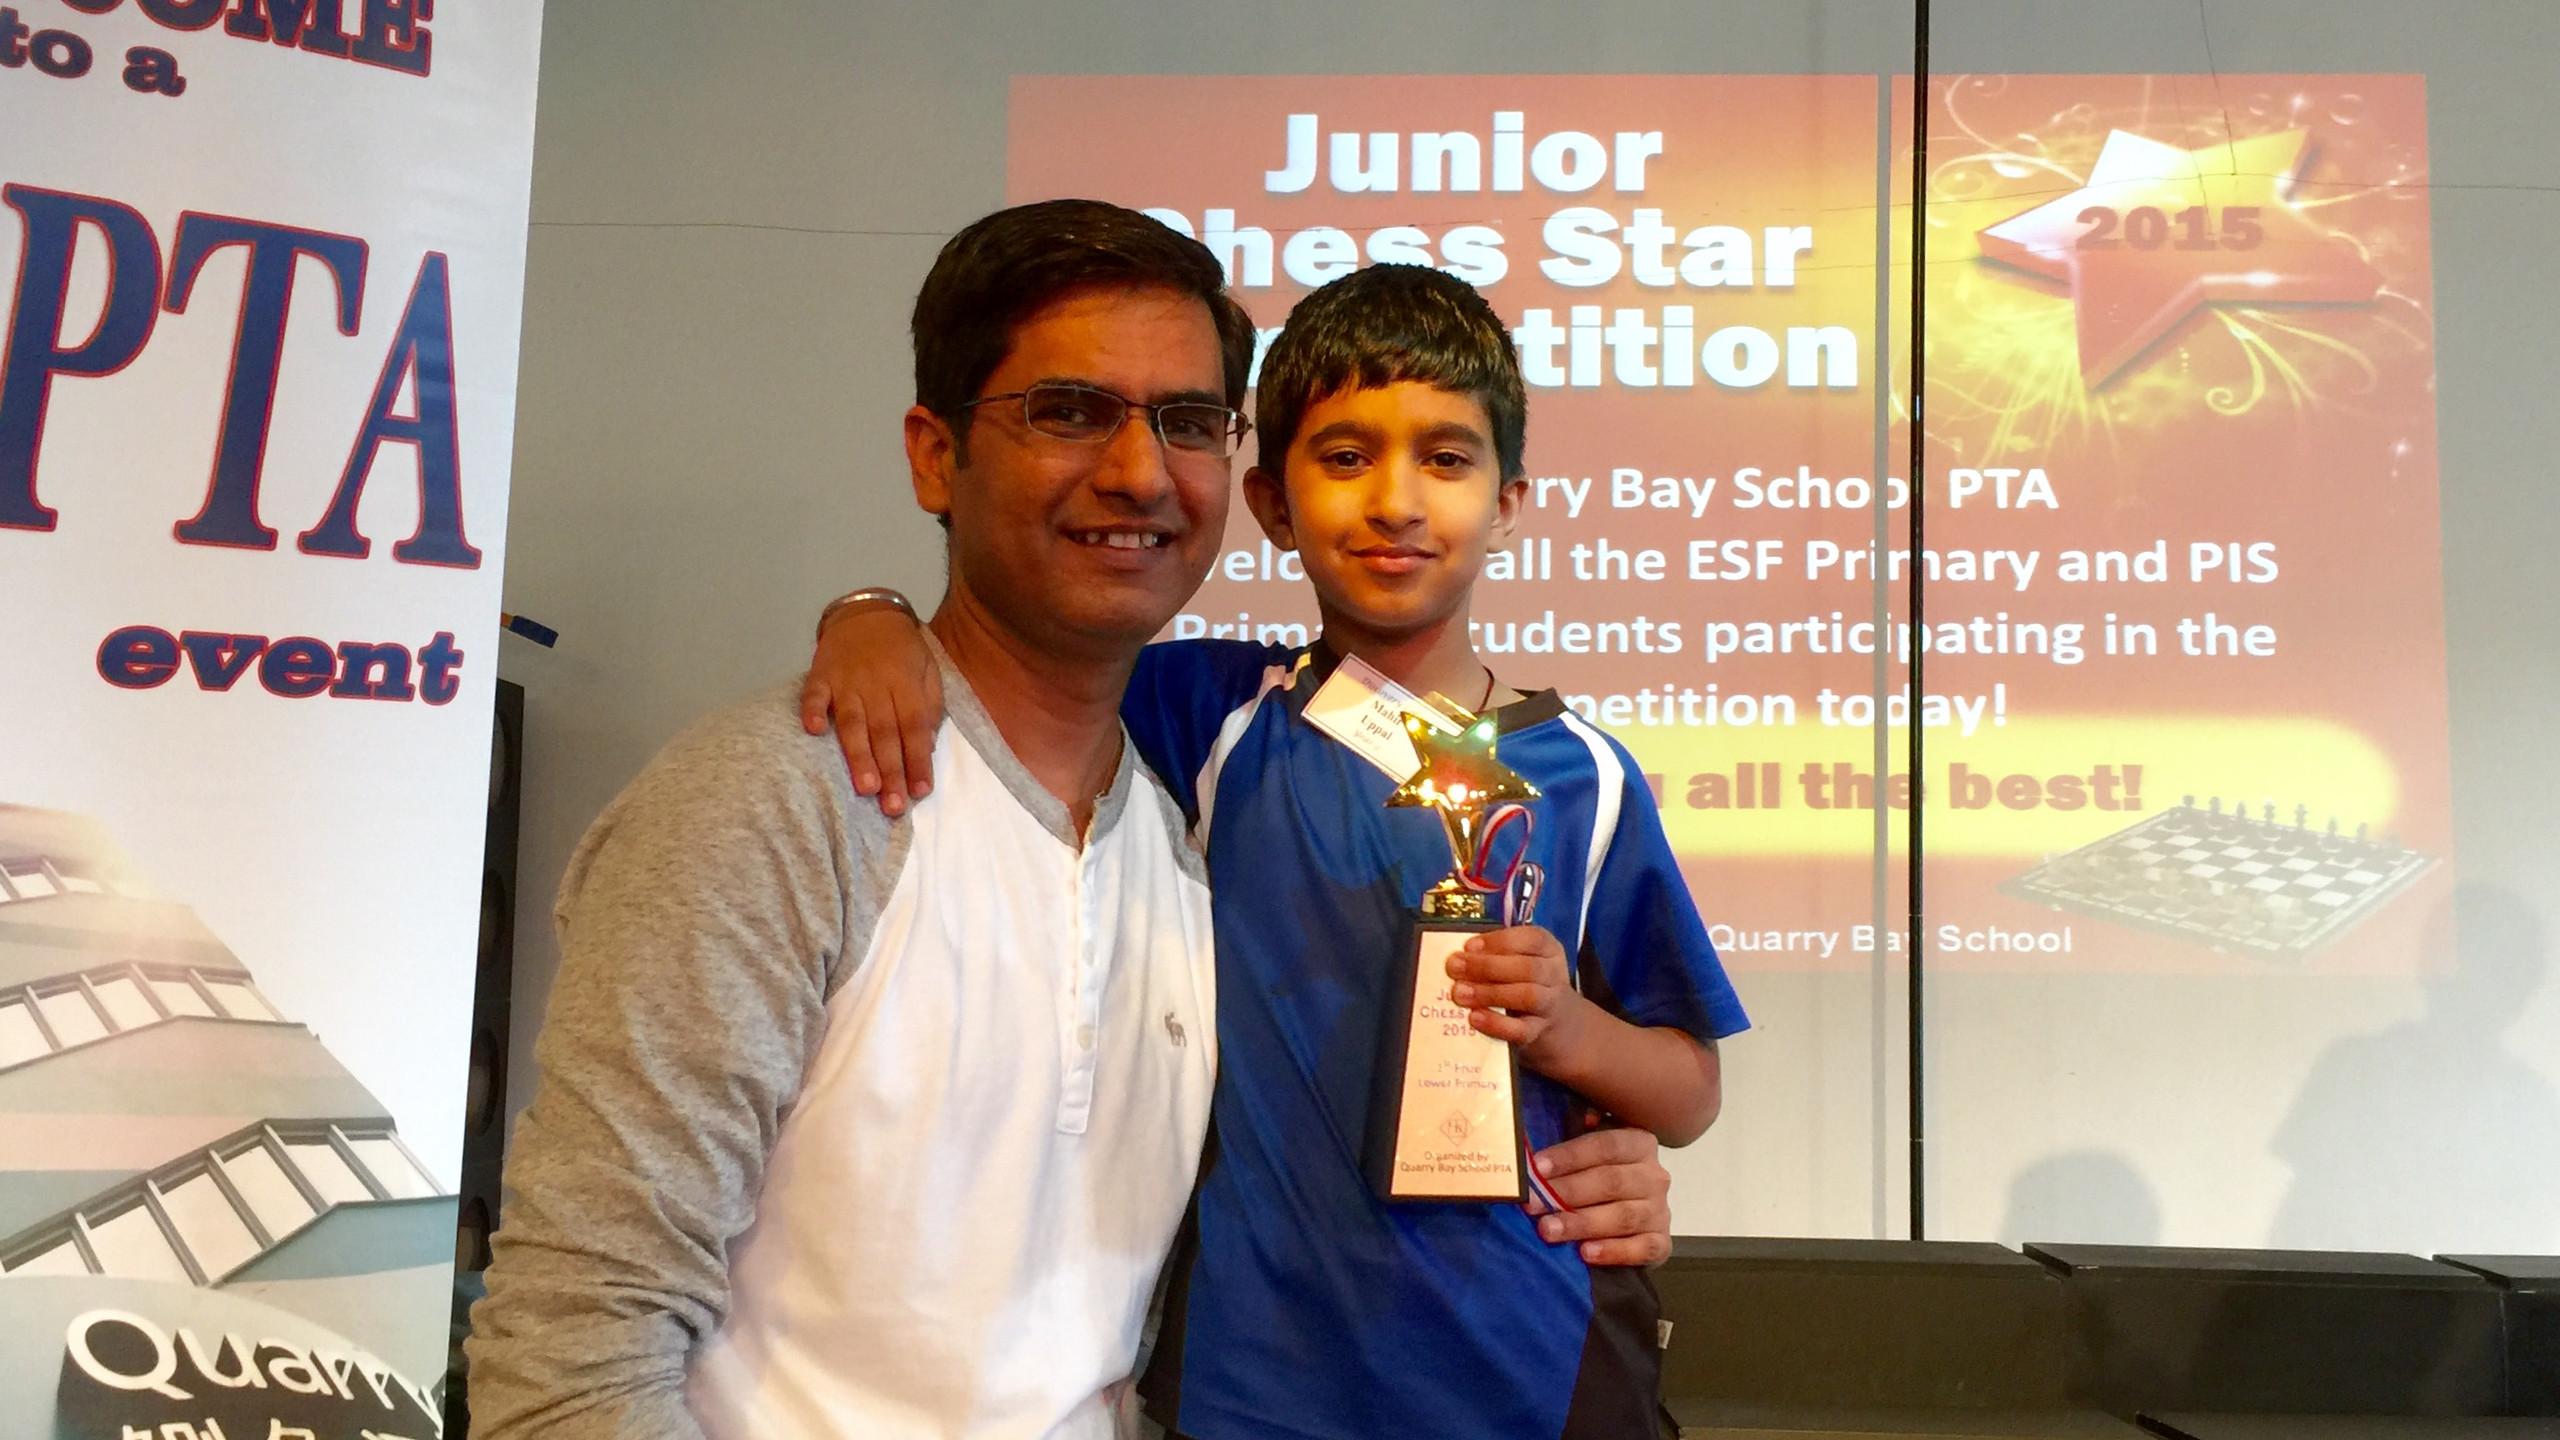 Mahir with proud dad